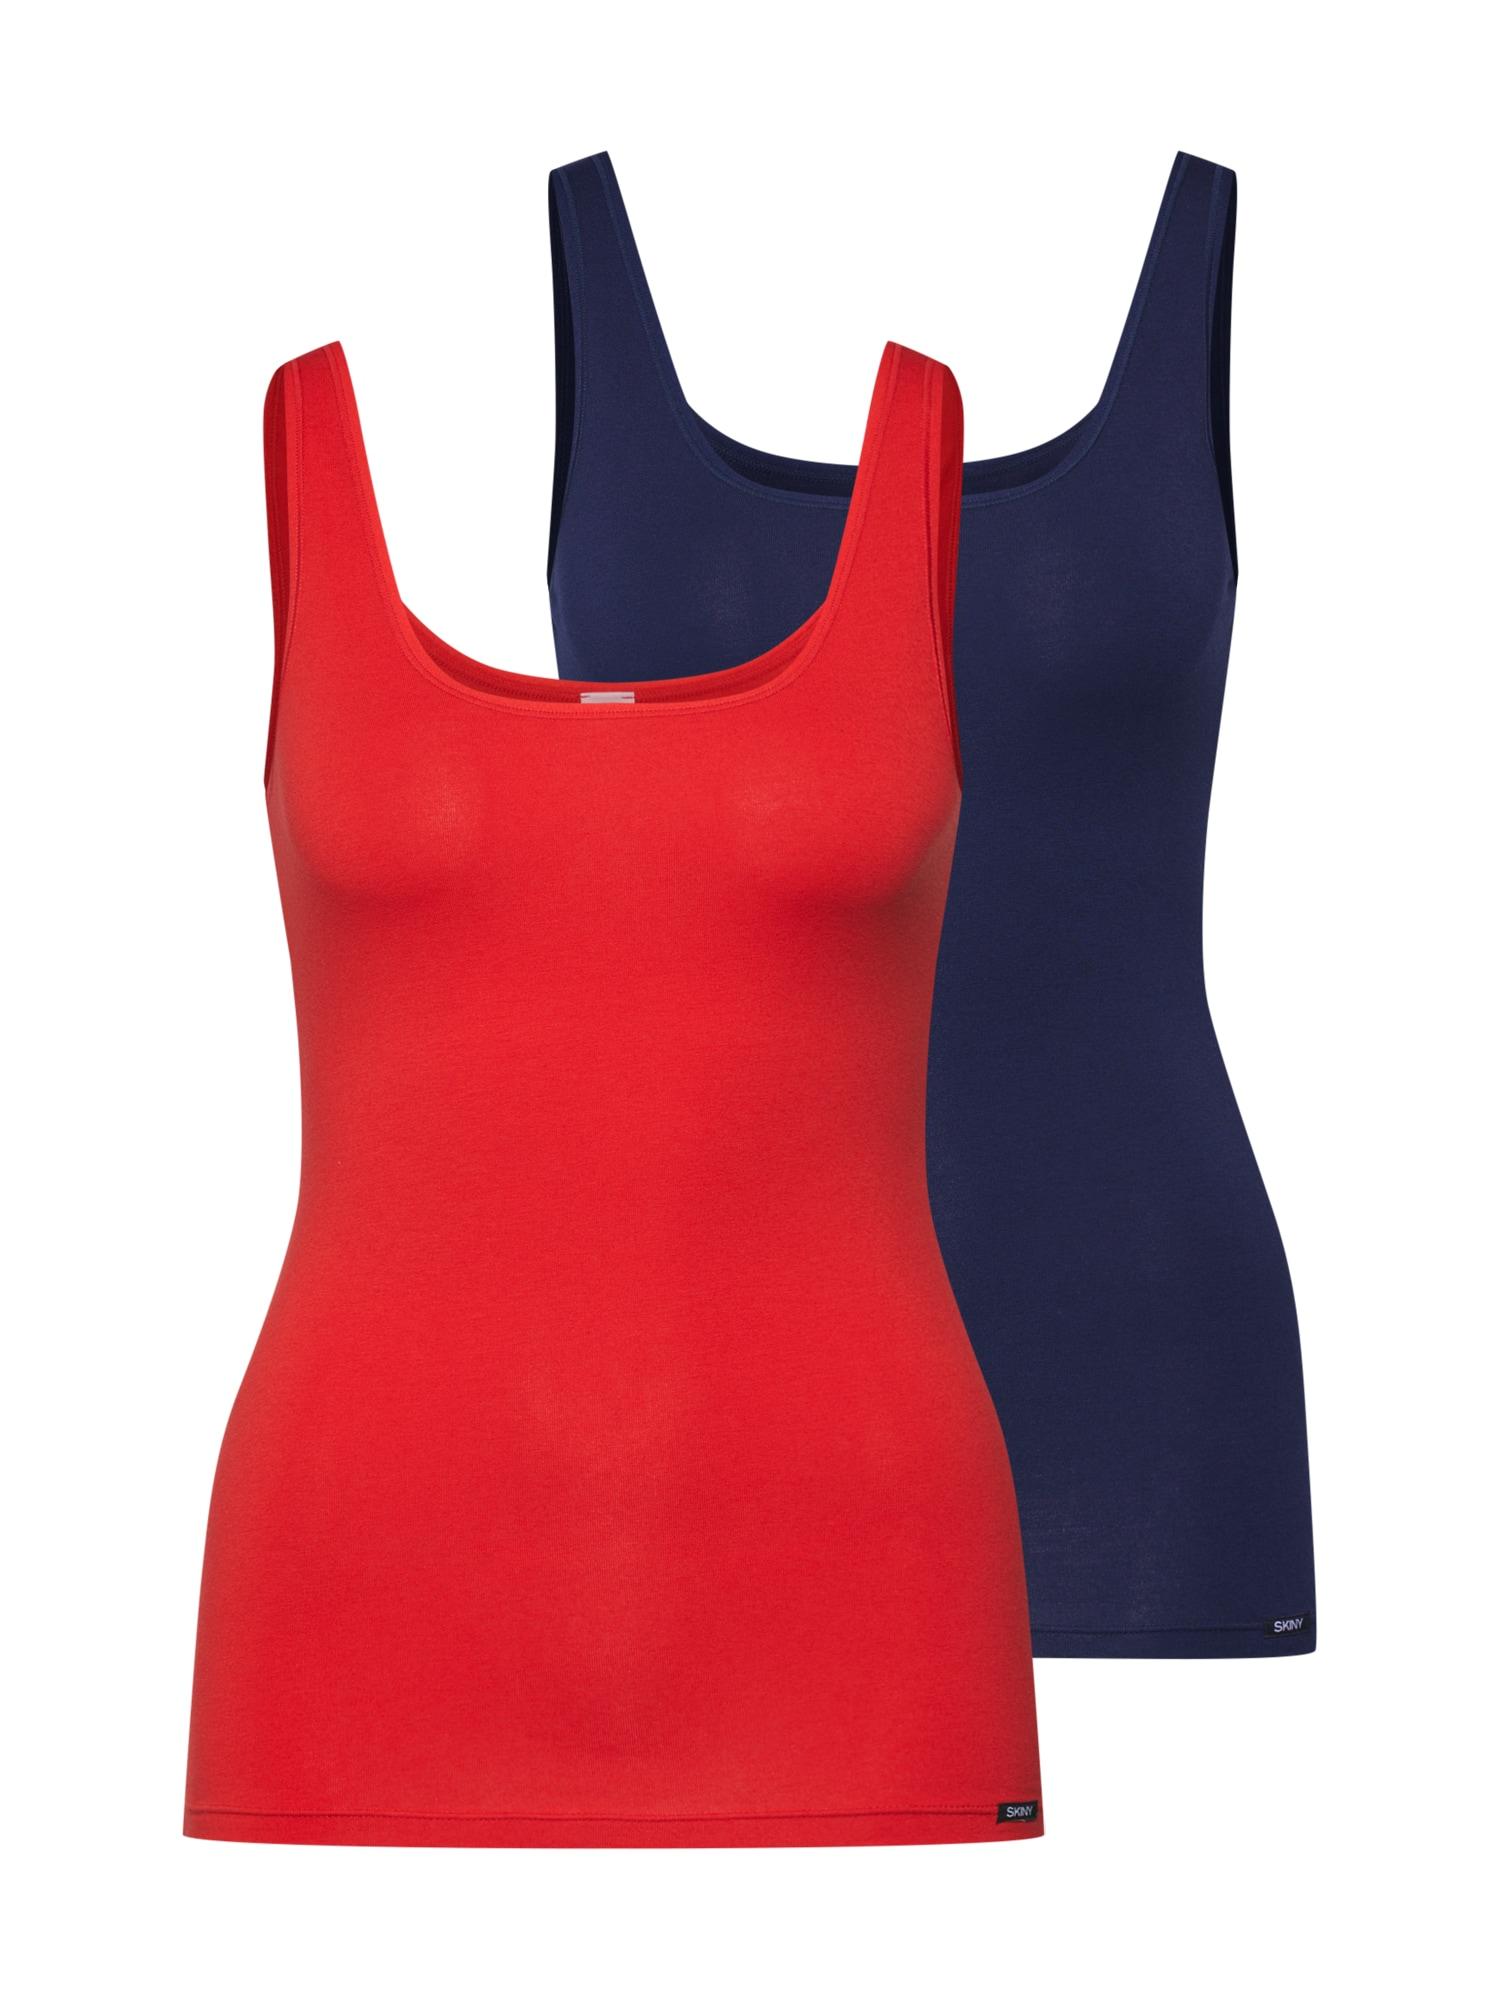 Tílko Advantage Cotton modrá červená Skiny